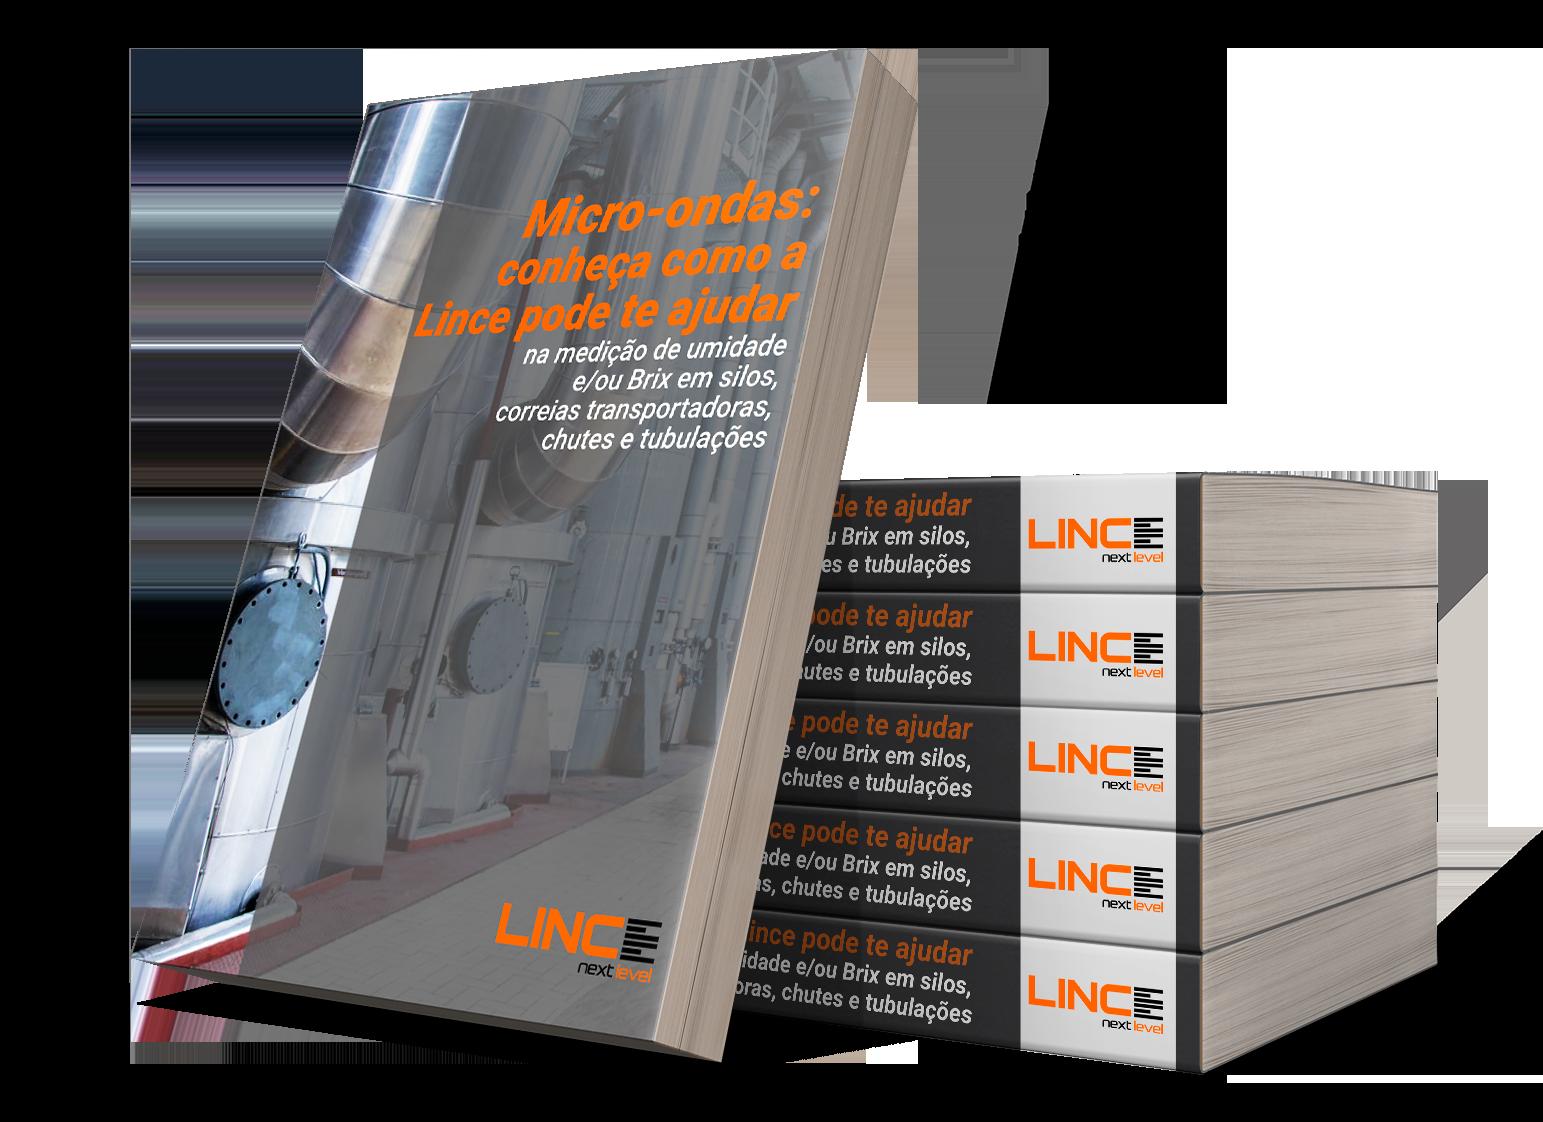 Microondas: conheça como a Lince pode te ajudar na medição de umidade em silos, correias transportadoras e chutes